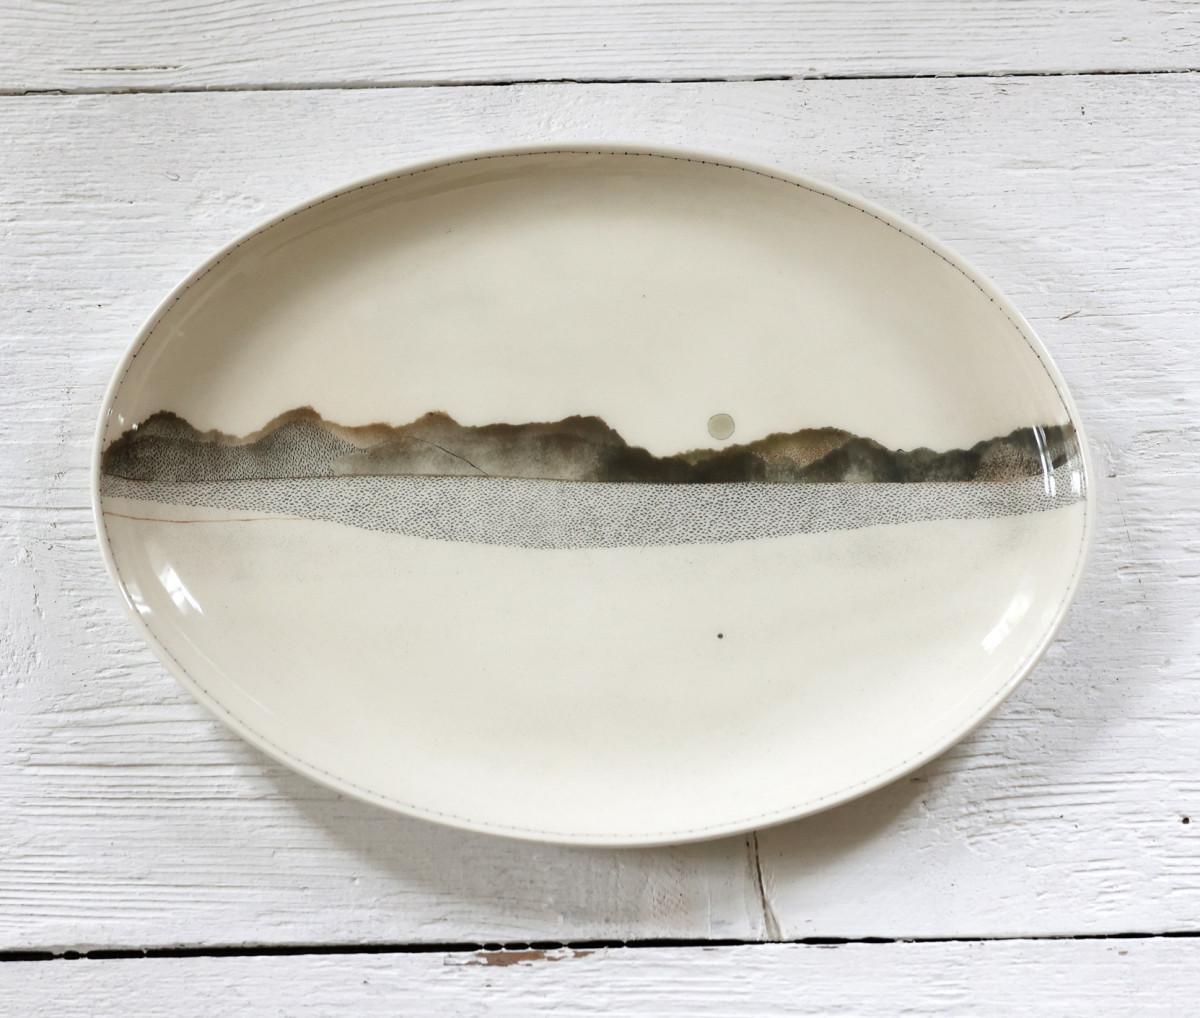 naujoji galerija klaipėda paroda keramikos grafika